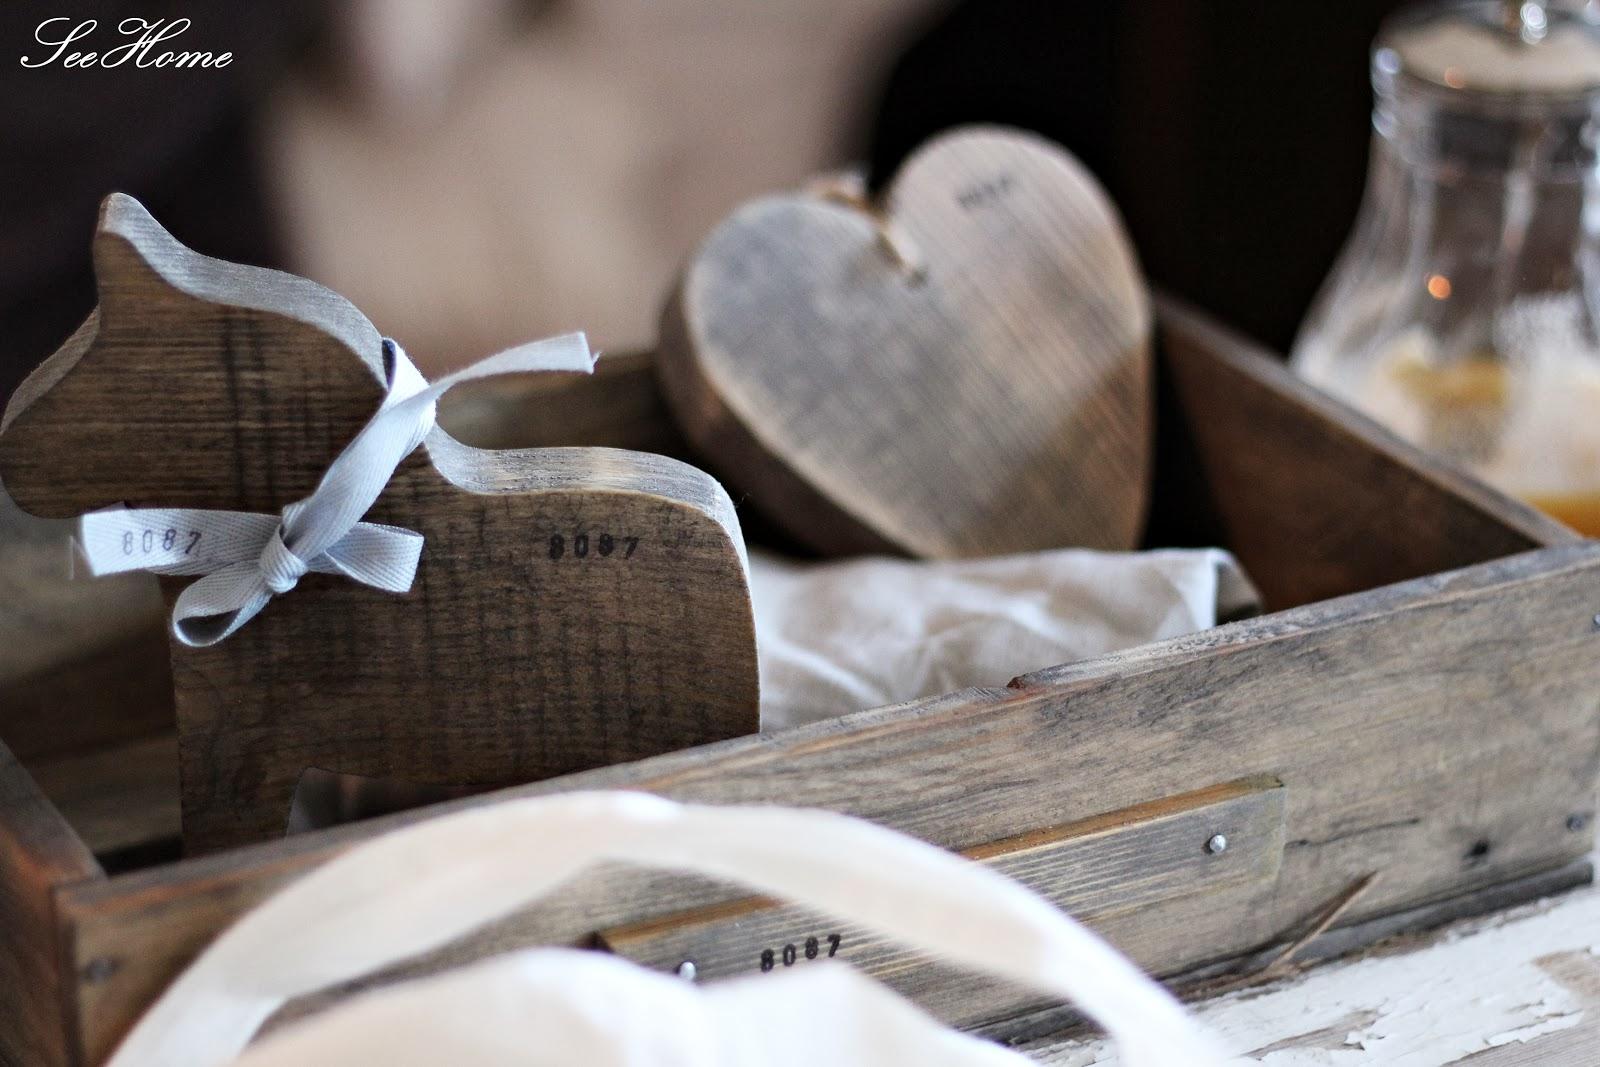 Loft, Skrzynki, Drewniane skrzynki, Kuchnia